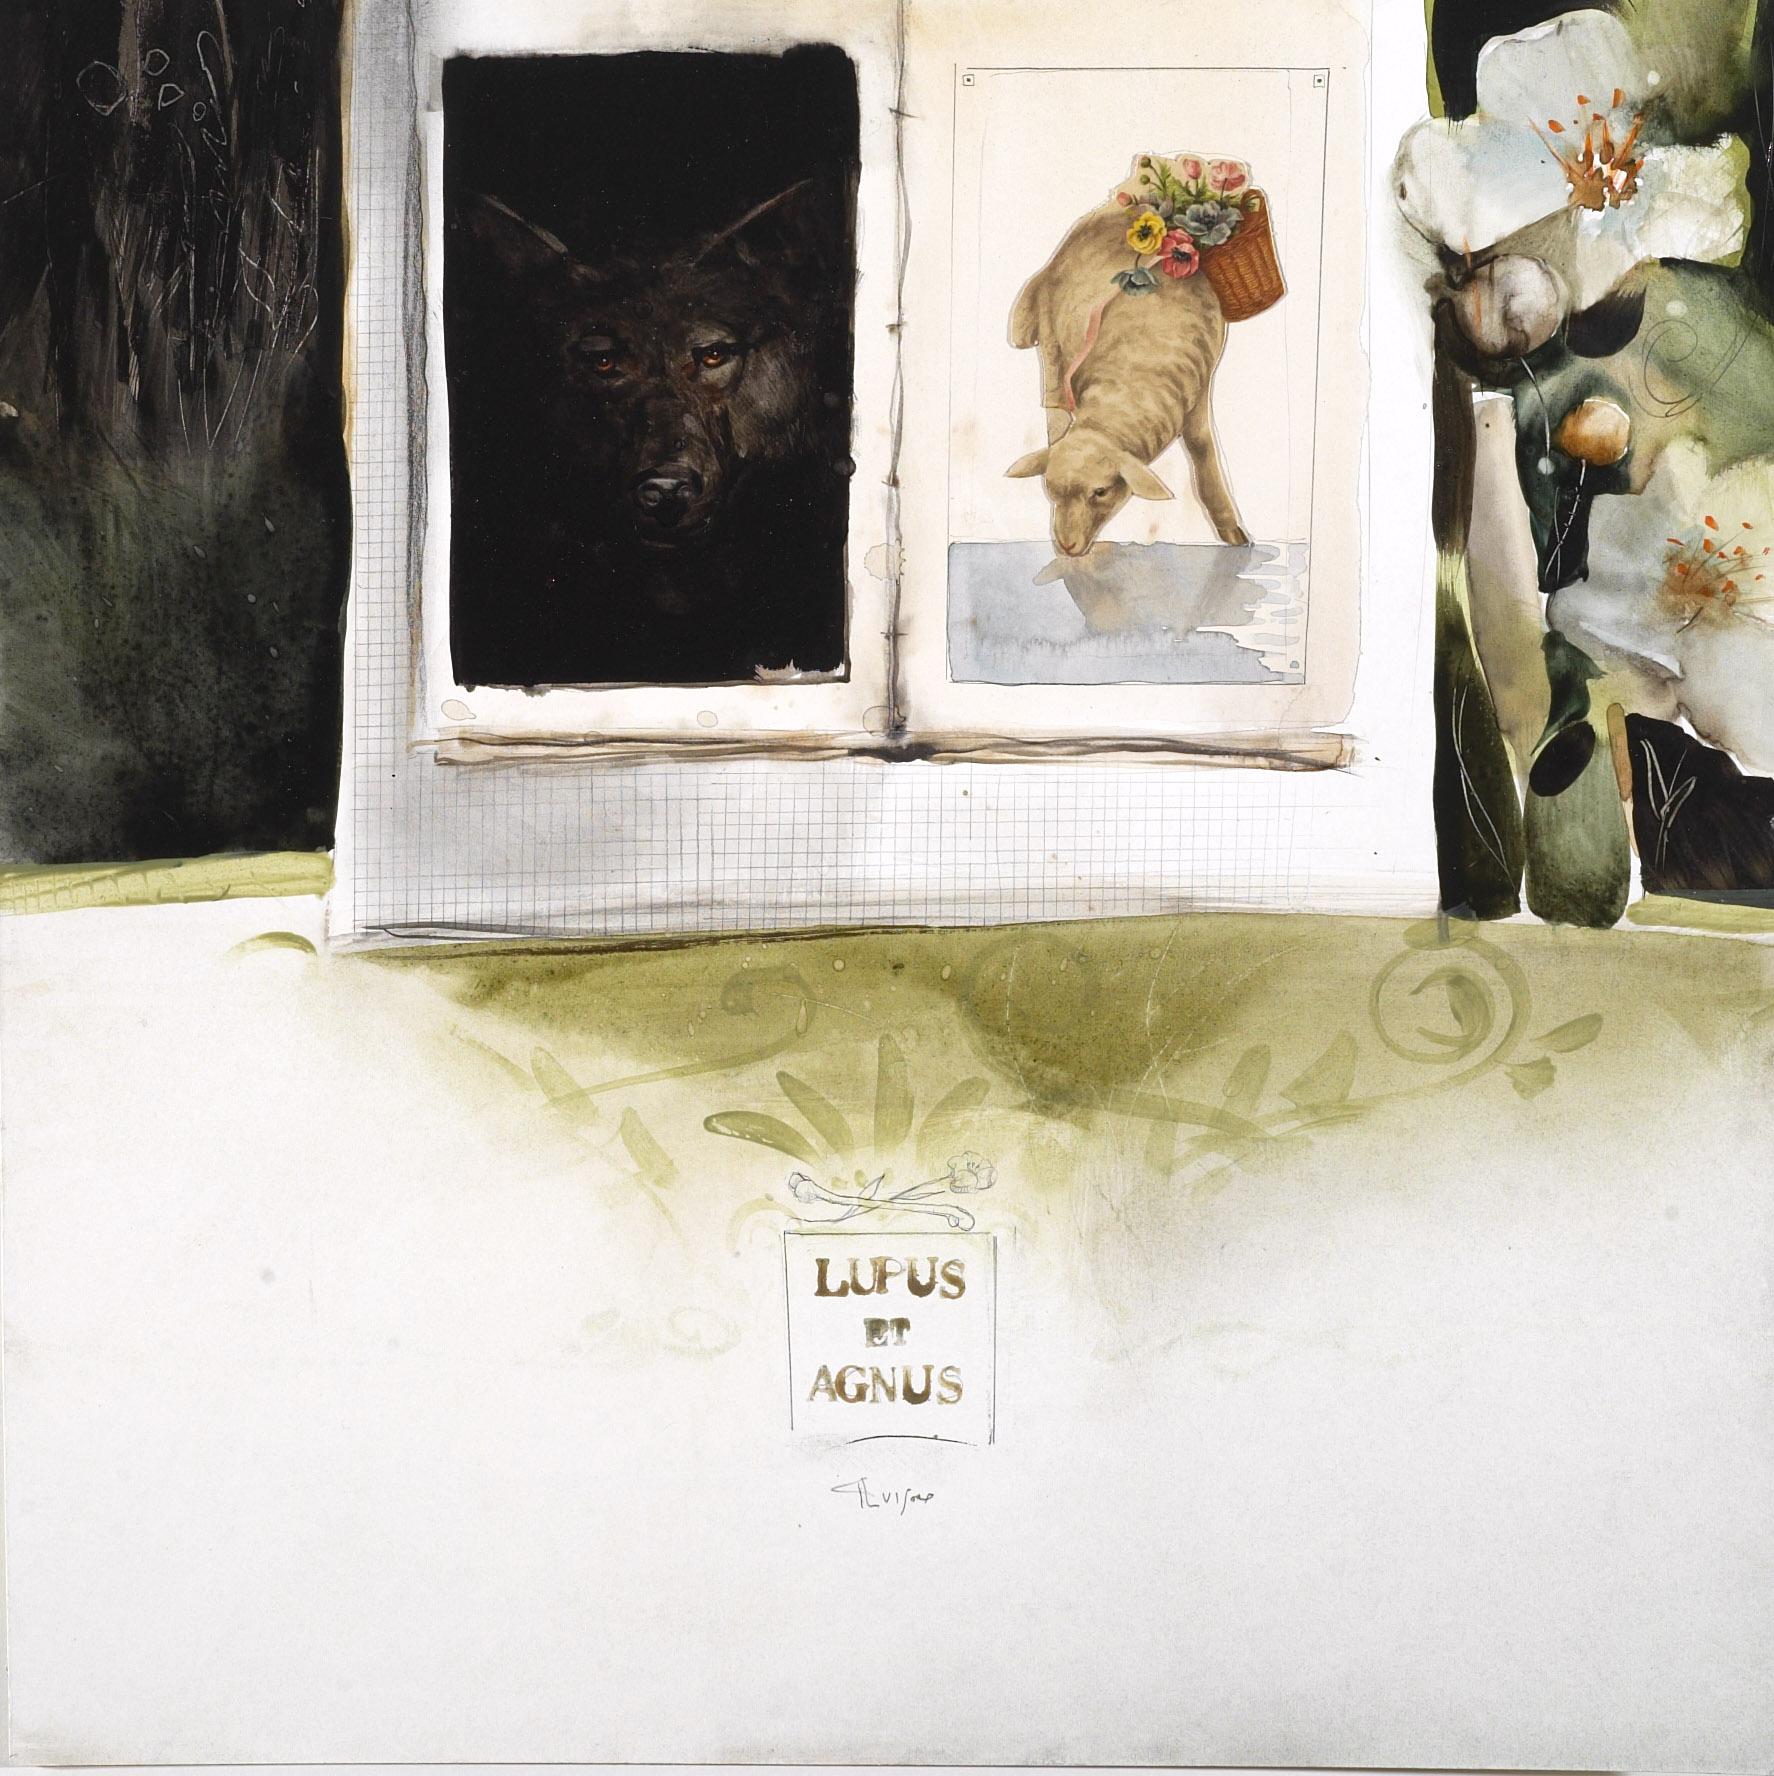 il lupo e l'agnello, 2002